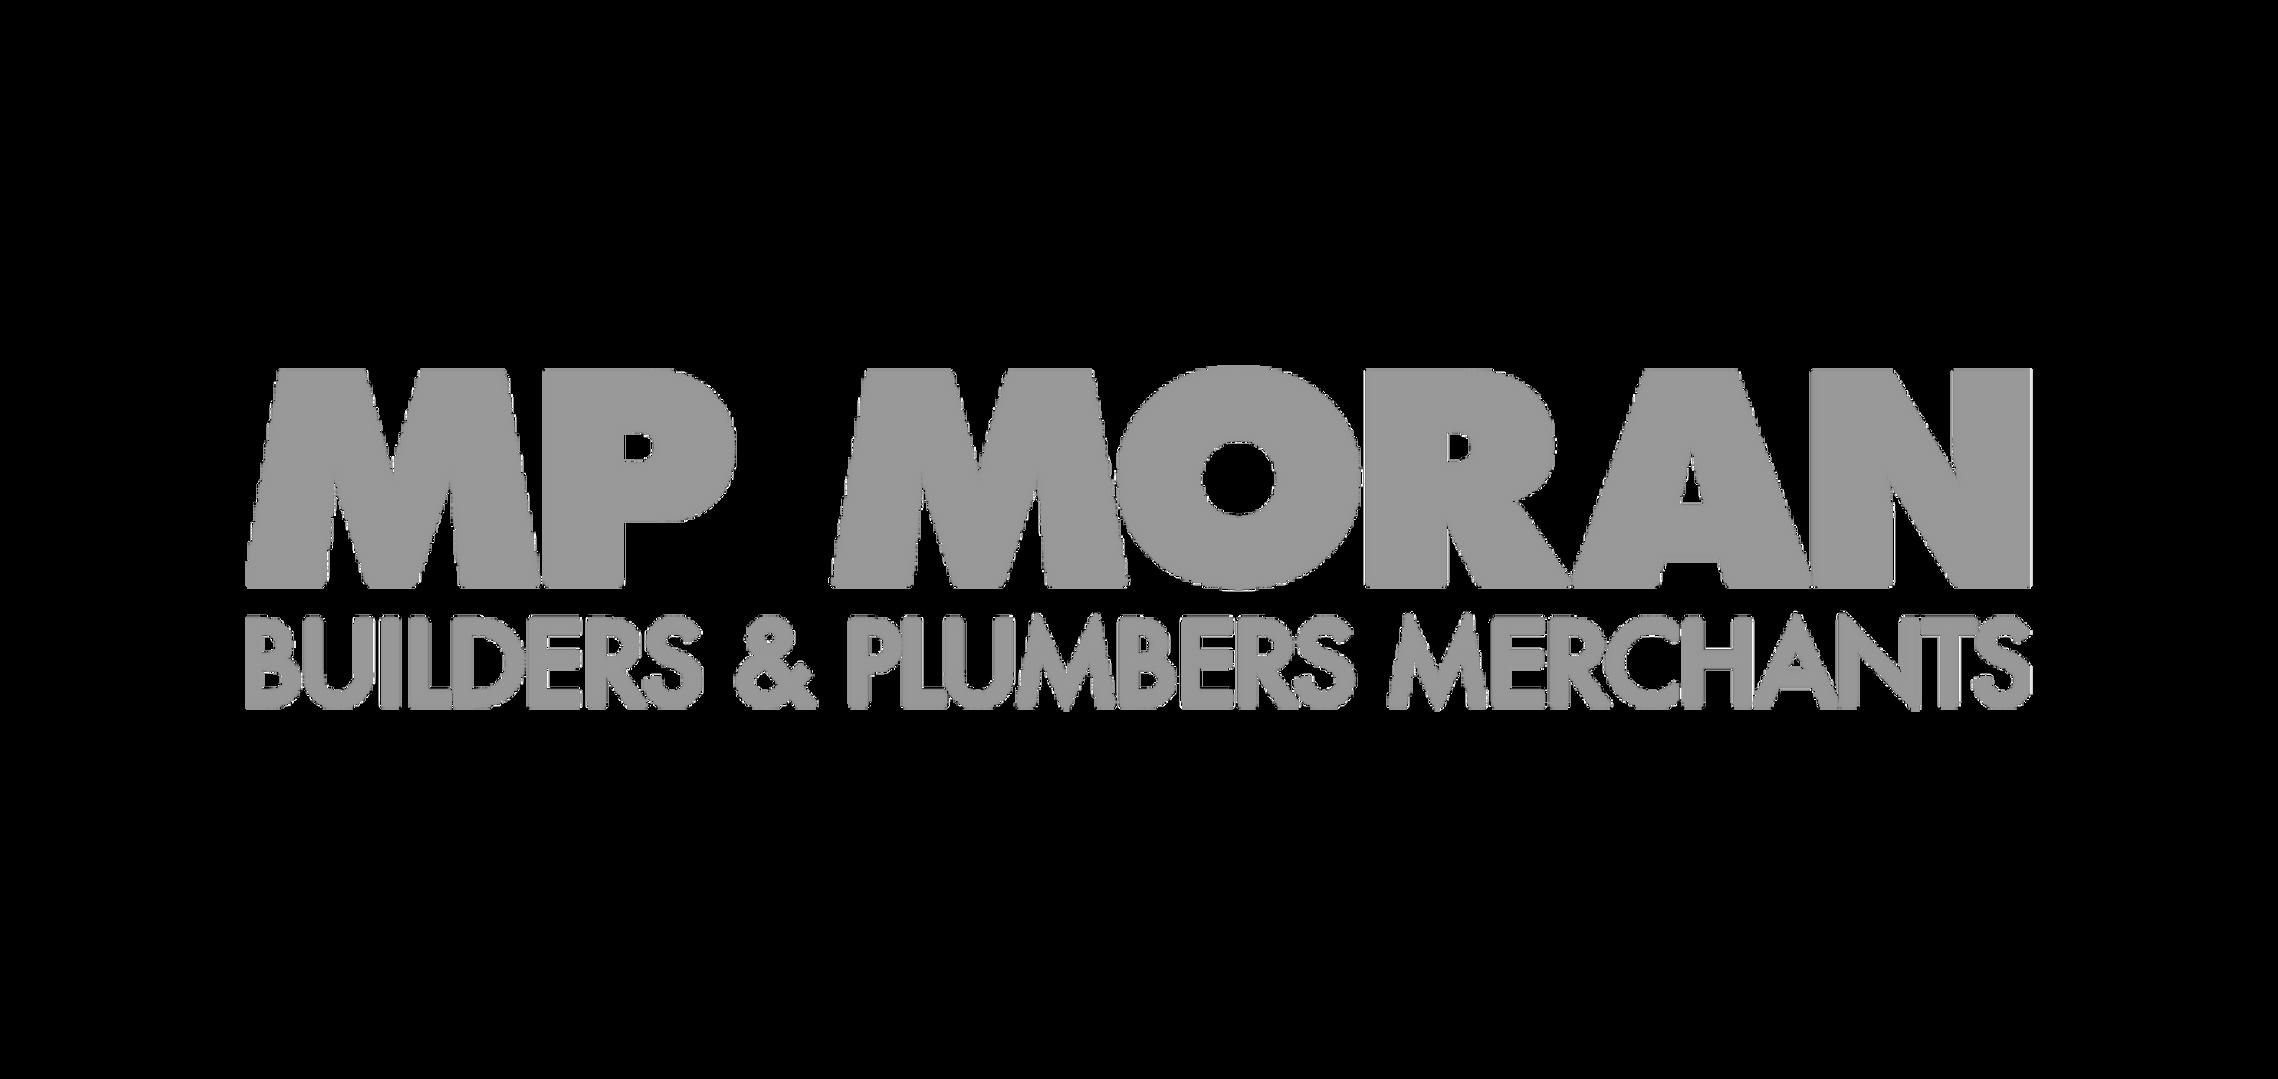 MP MORAN VVCR Build.png